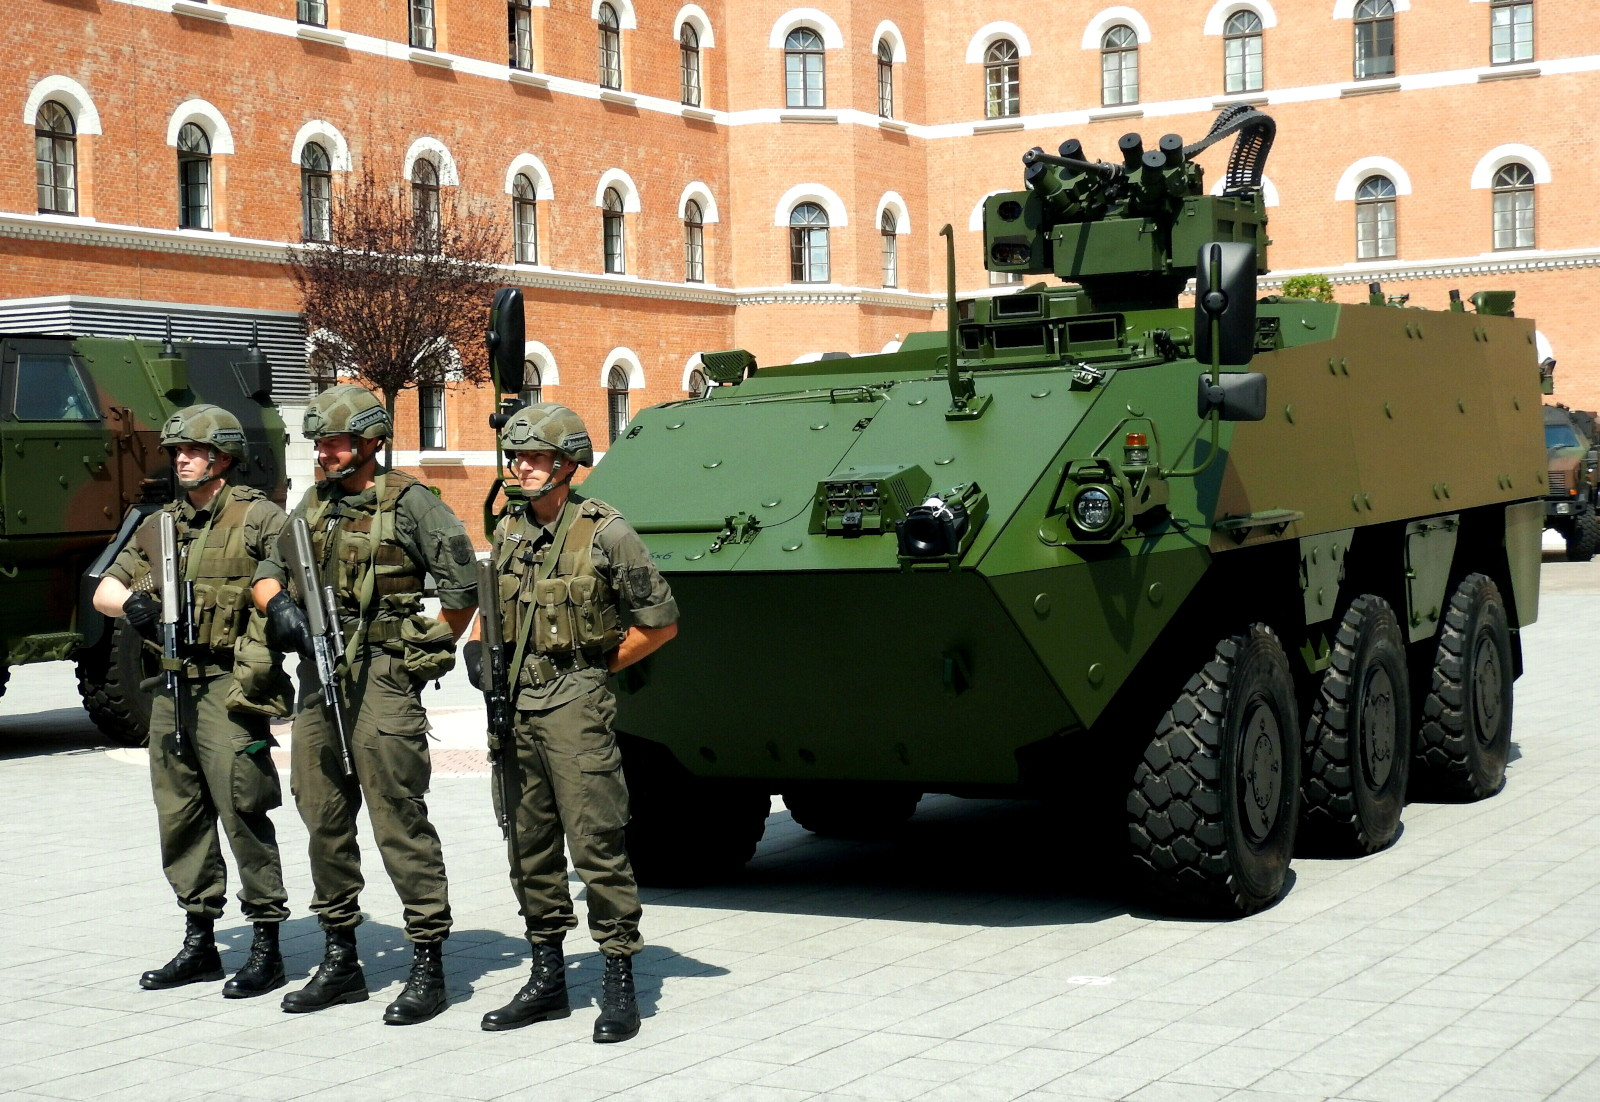 Mannschaftstransportpanzer PANDUR EVO 6x6 © DoppeladlerTeam / Vojtenko